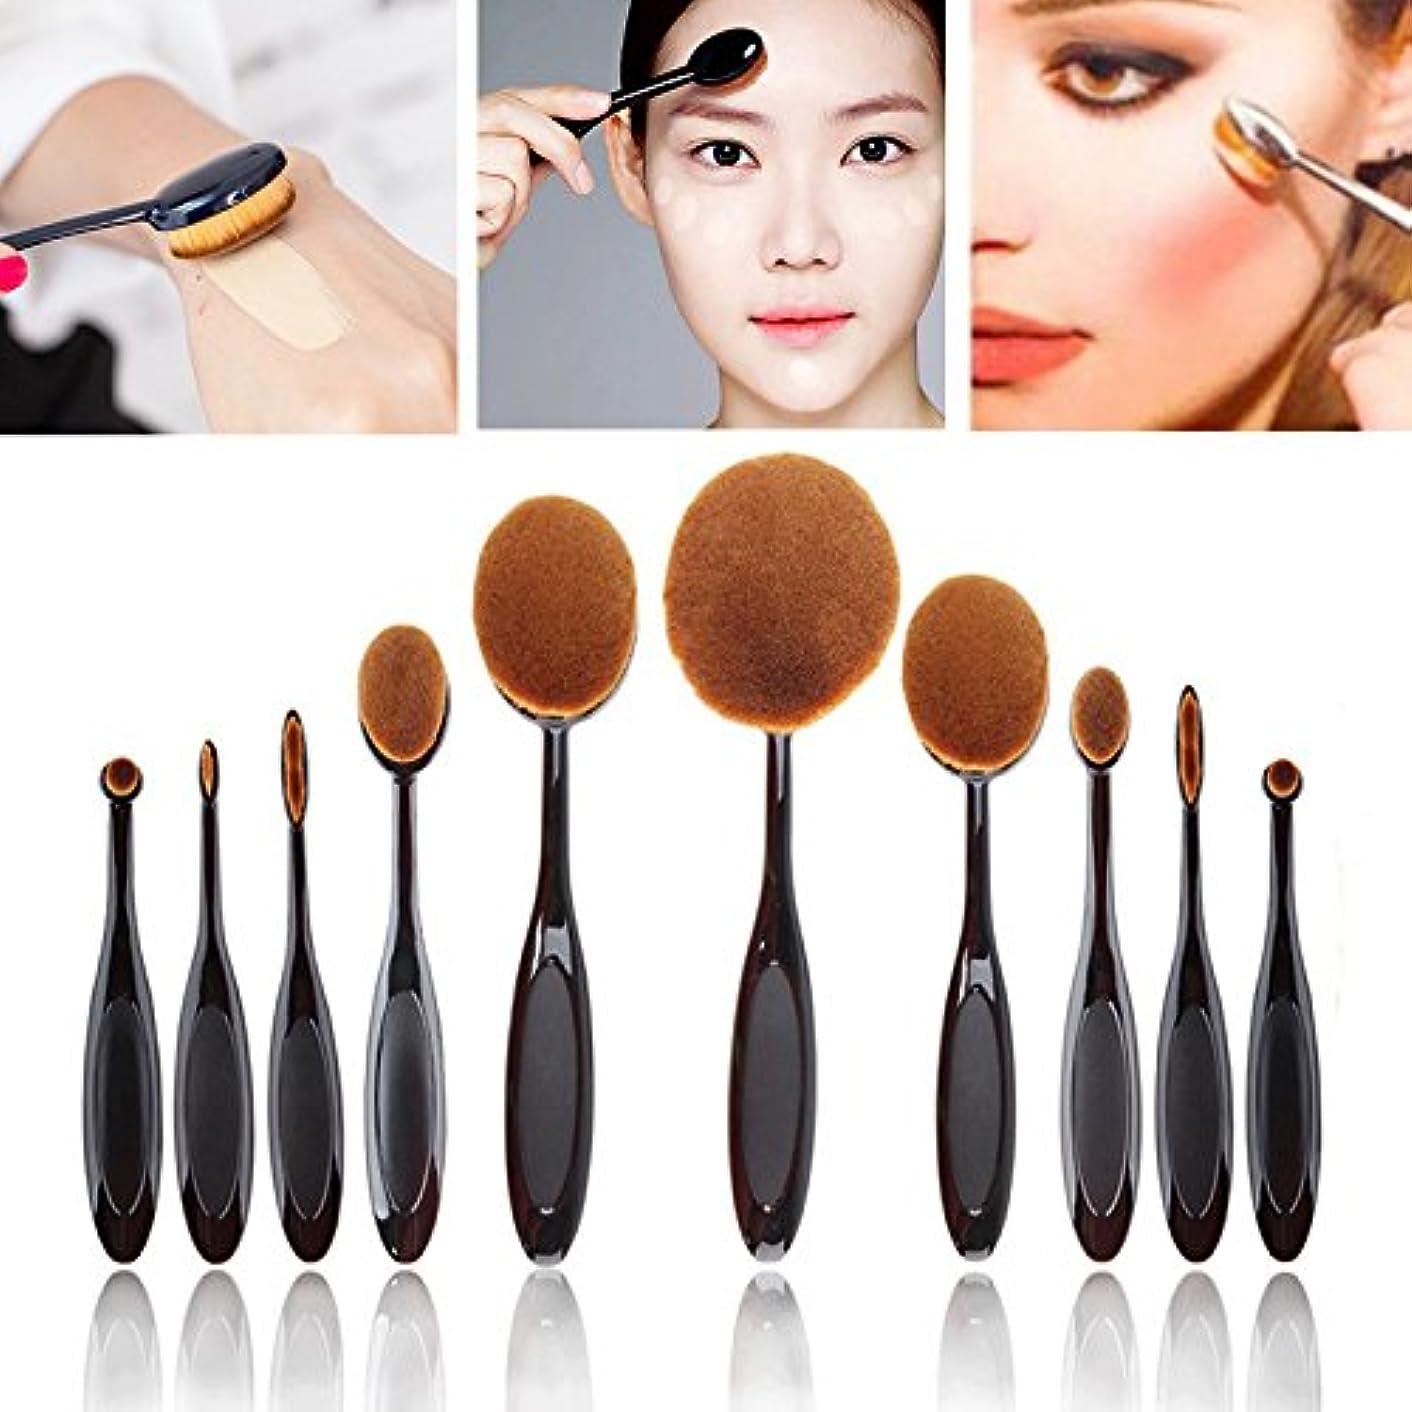 見落とす自動化パキスタンNeverlnad Beauty 歯ブラシ型 ファンデーションブラシ 化粧ブラシ メイクブラシ 10本セット